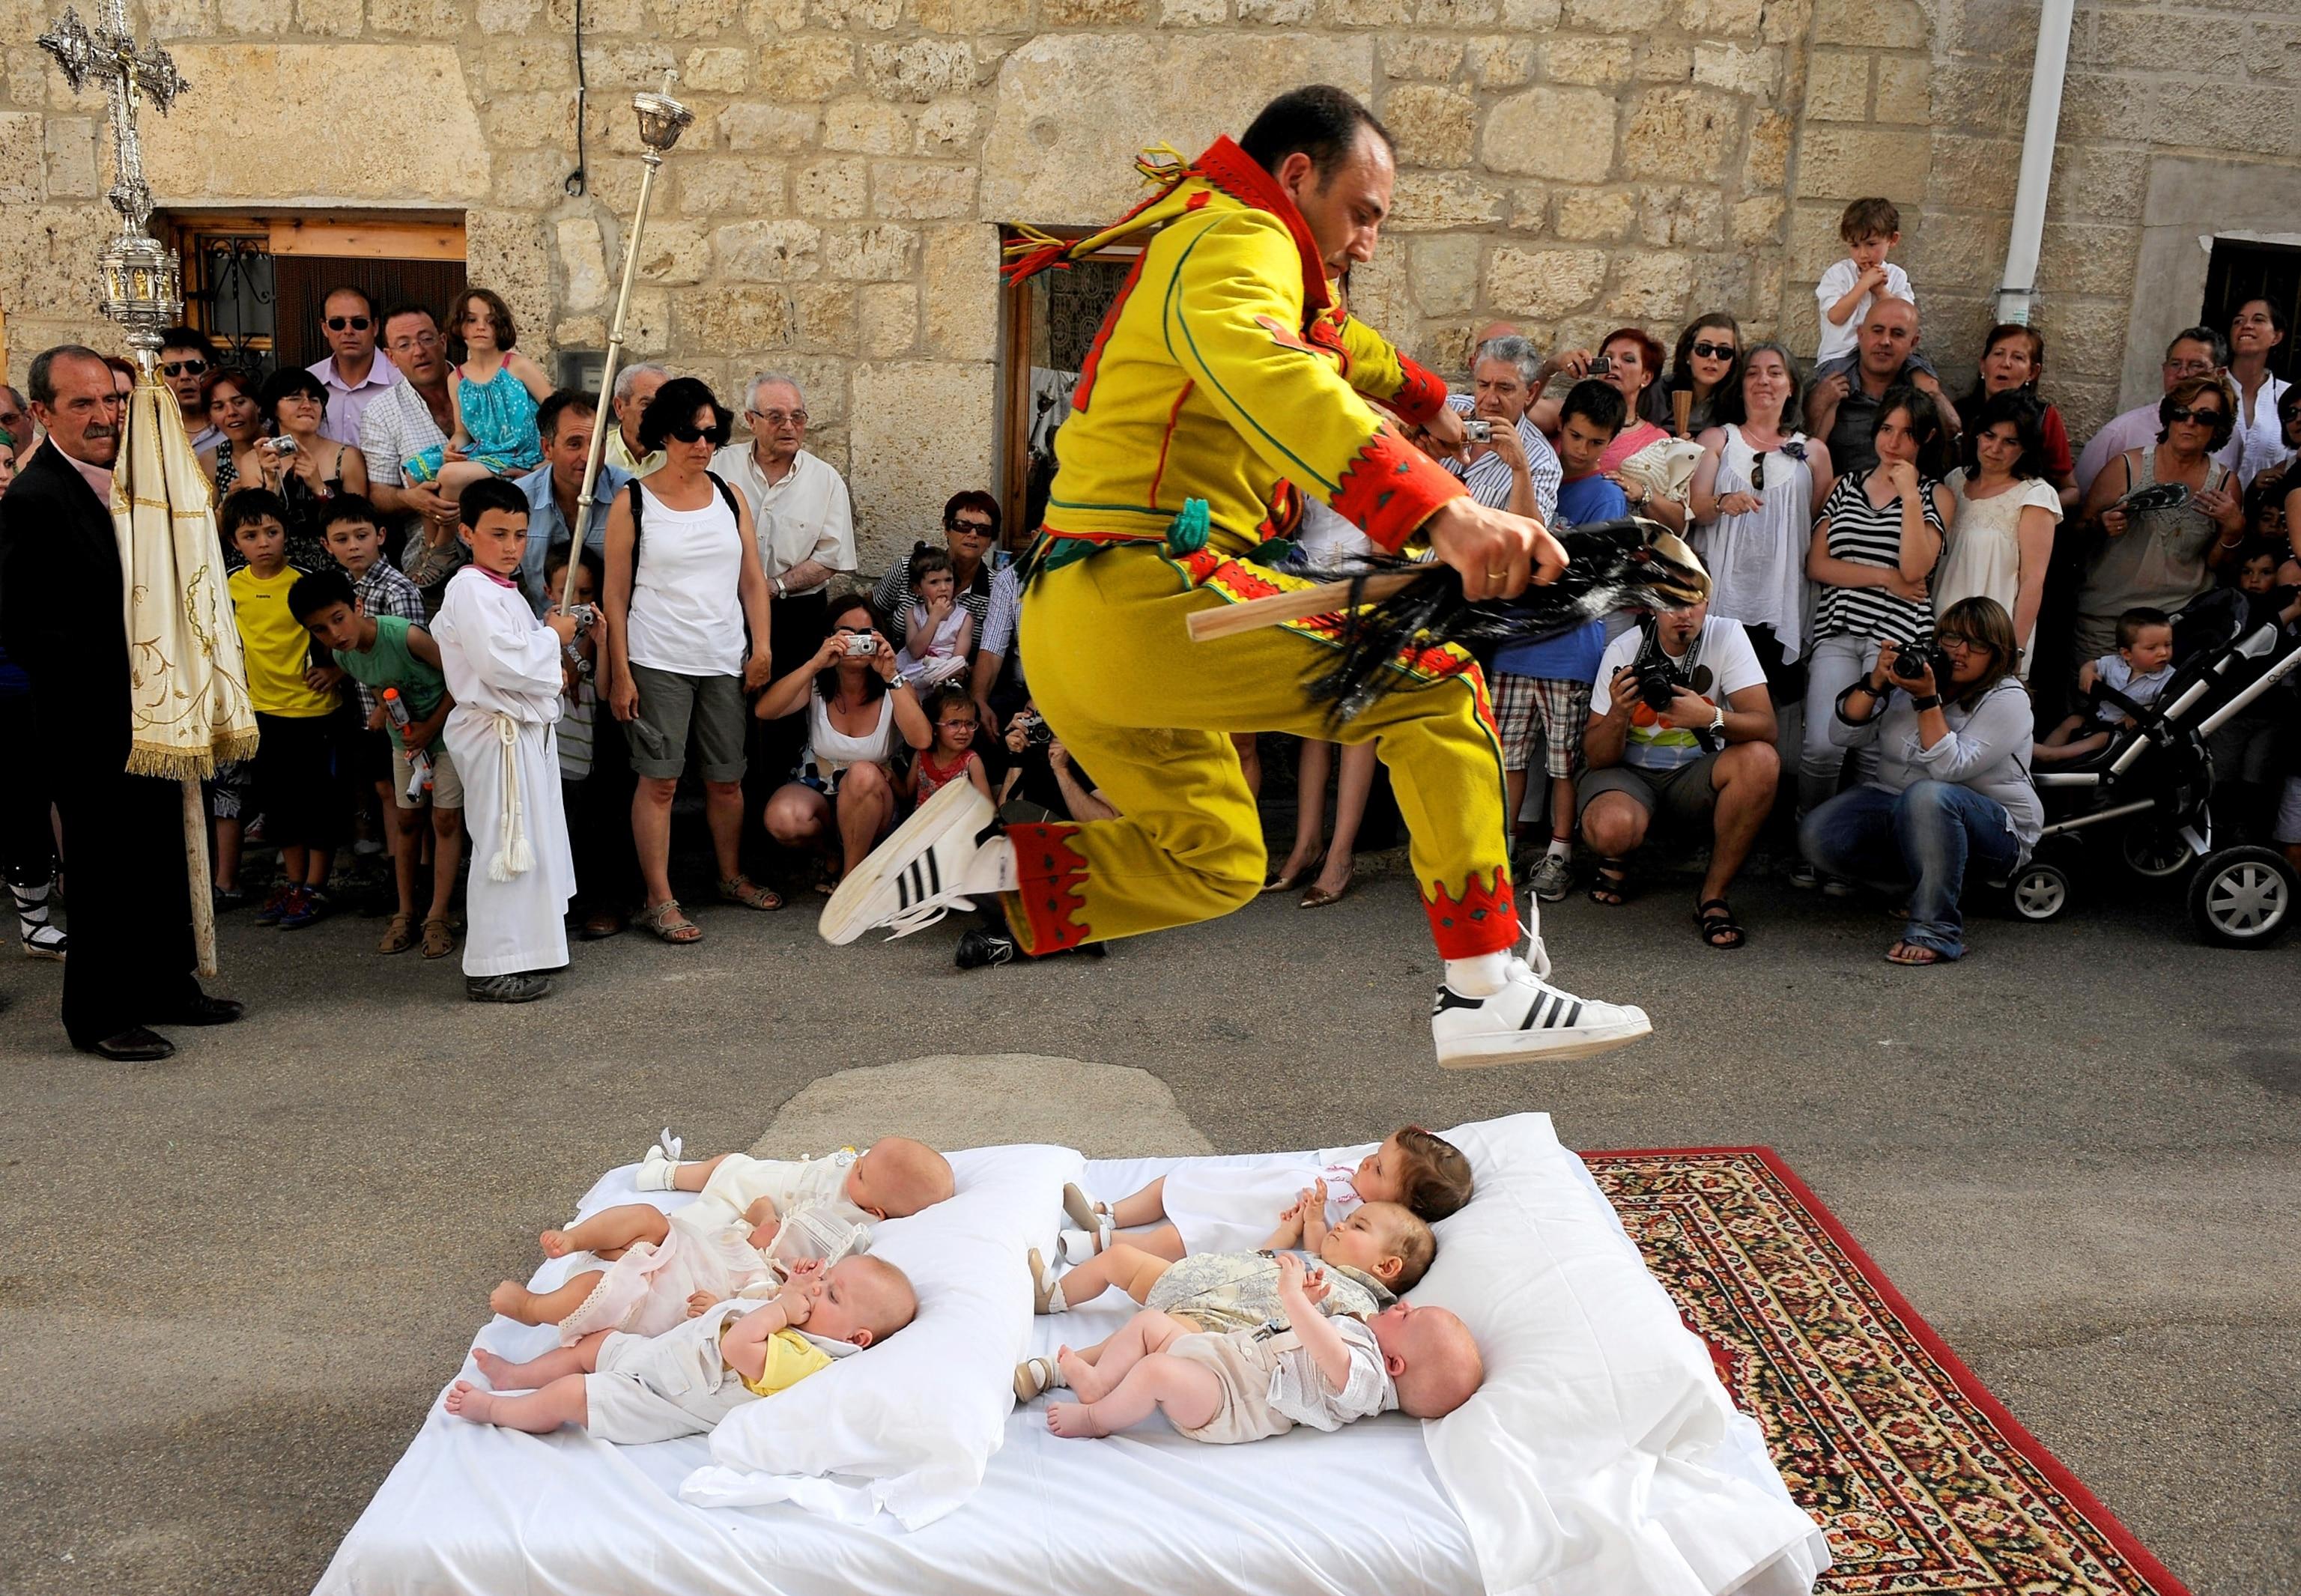 El Colacho Baby Jumping Festival, Spain